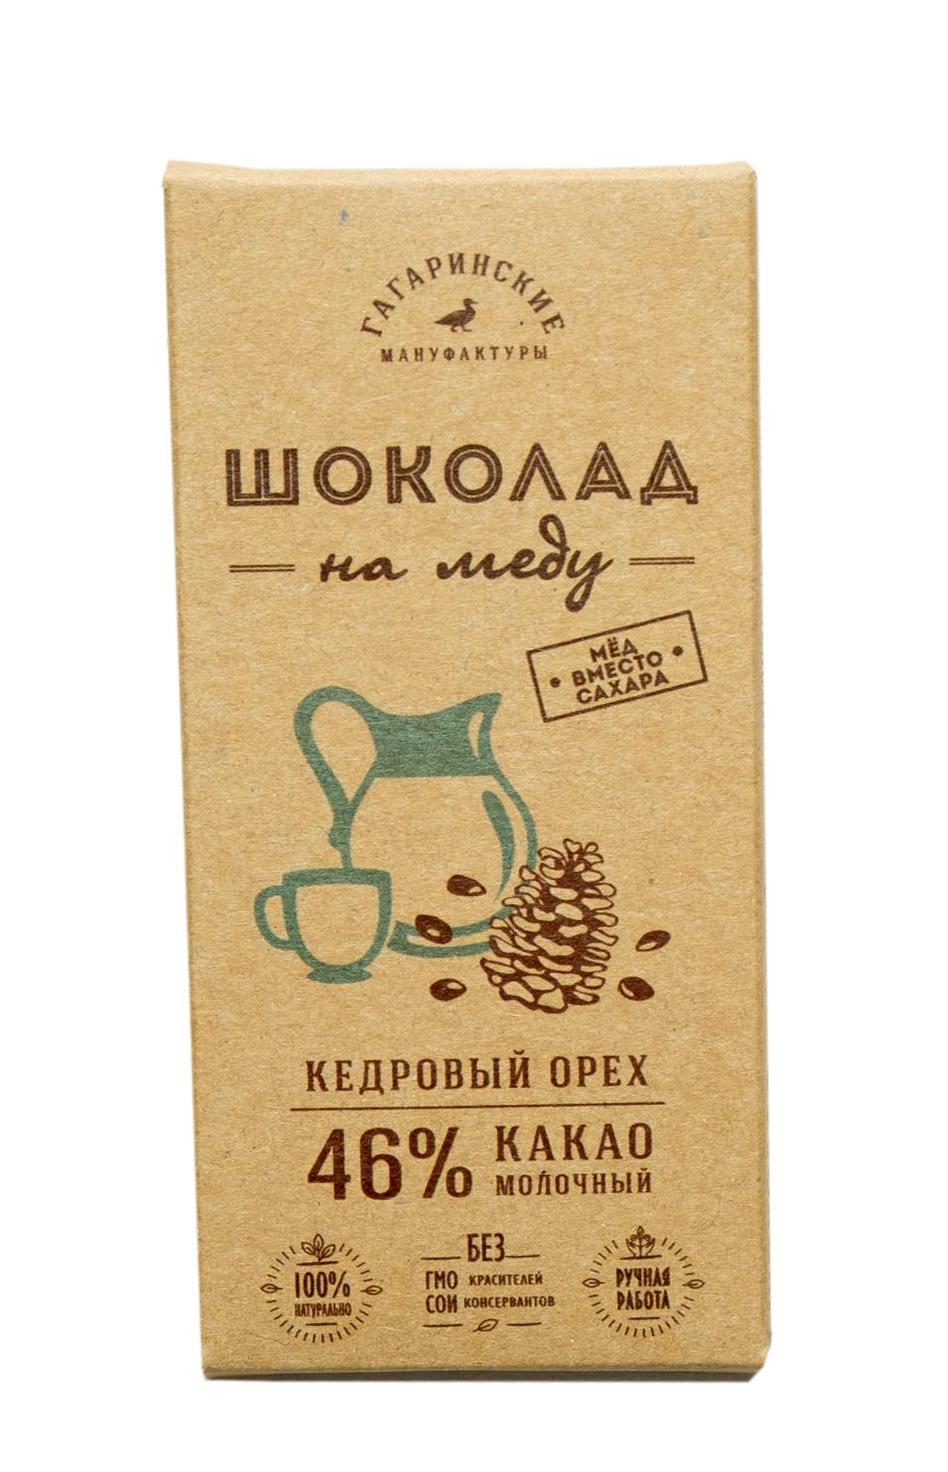 Шоколад Шоколад На Меду Молочный 46% какао С Кедровым Орехом